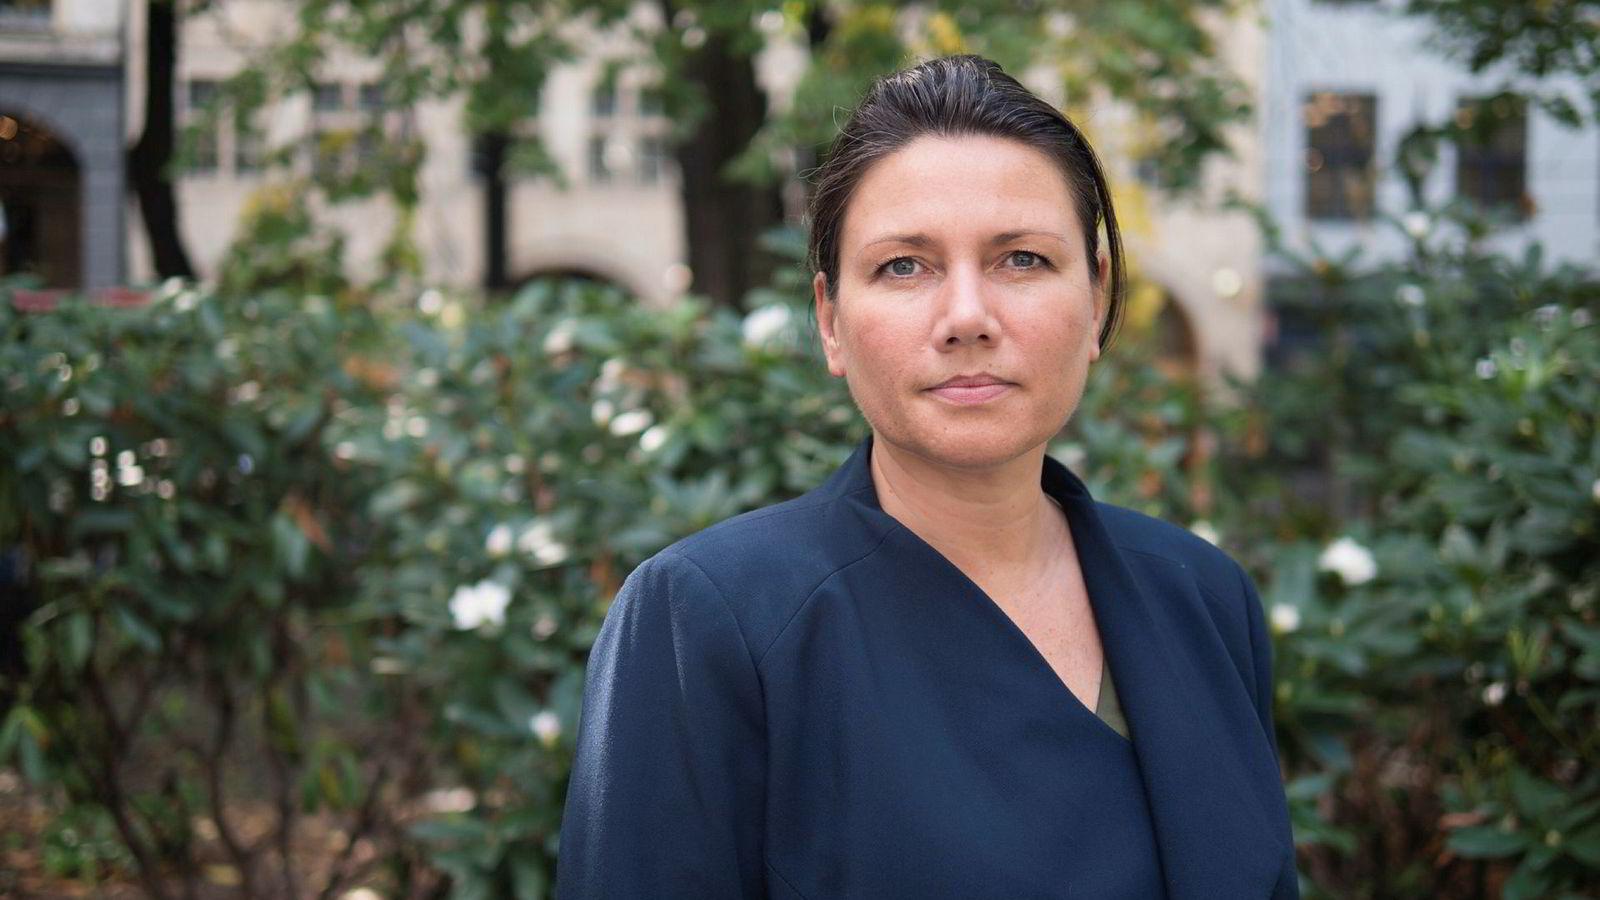 Heidi Nordby Lunde, stortingsrepresentant og leder for Oslo Høyre mener yrkesaktive menn bør gi hjemmeværende ektefeller lønn. Foto: Petter Berntsen,